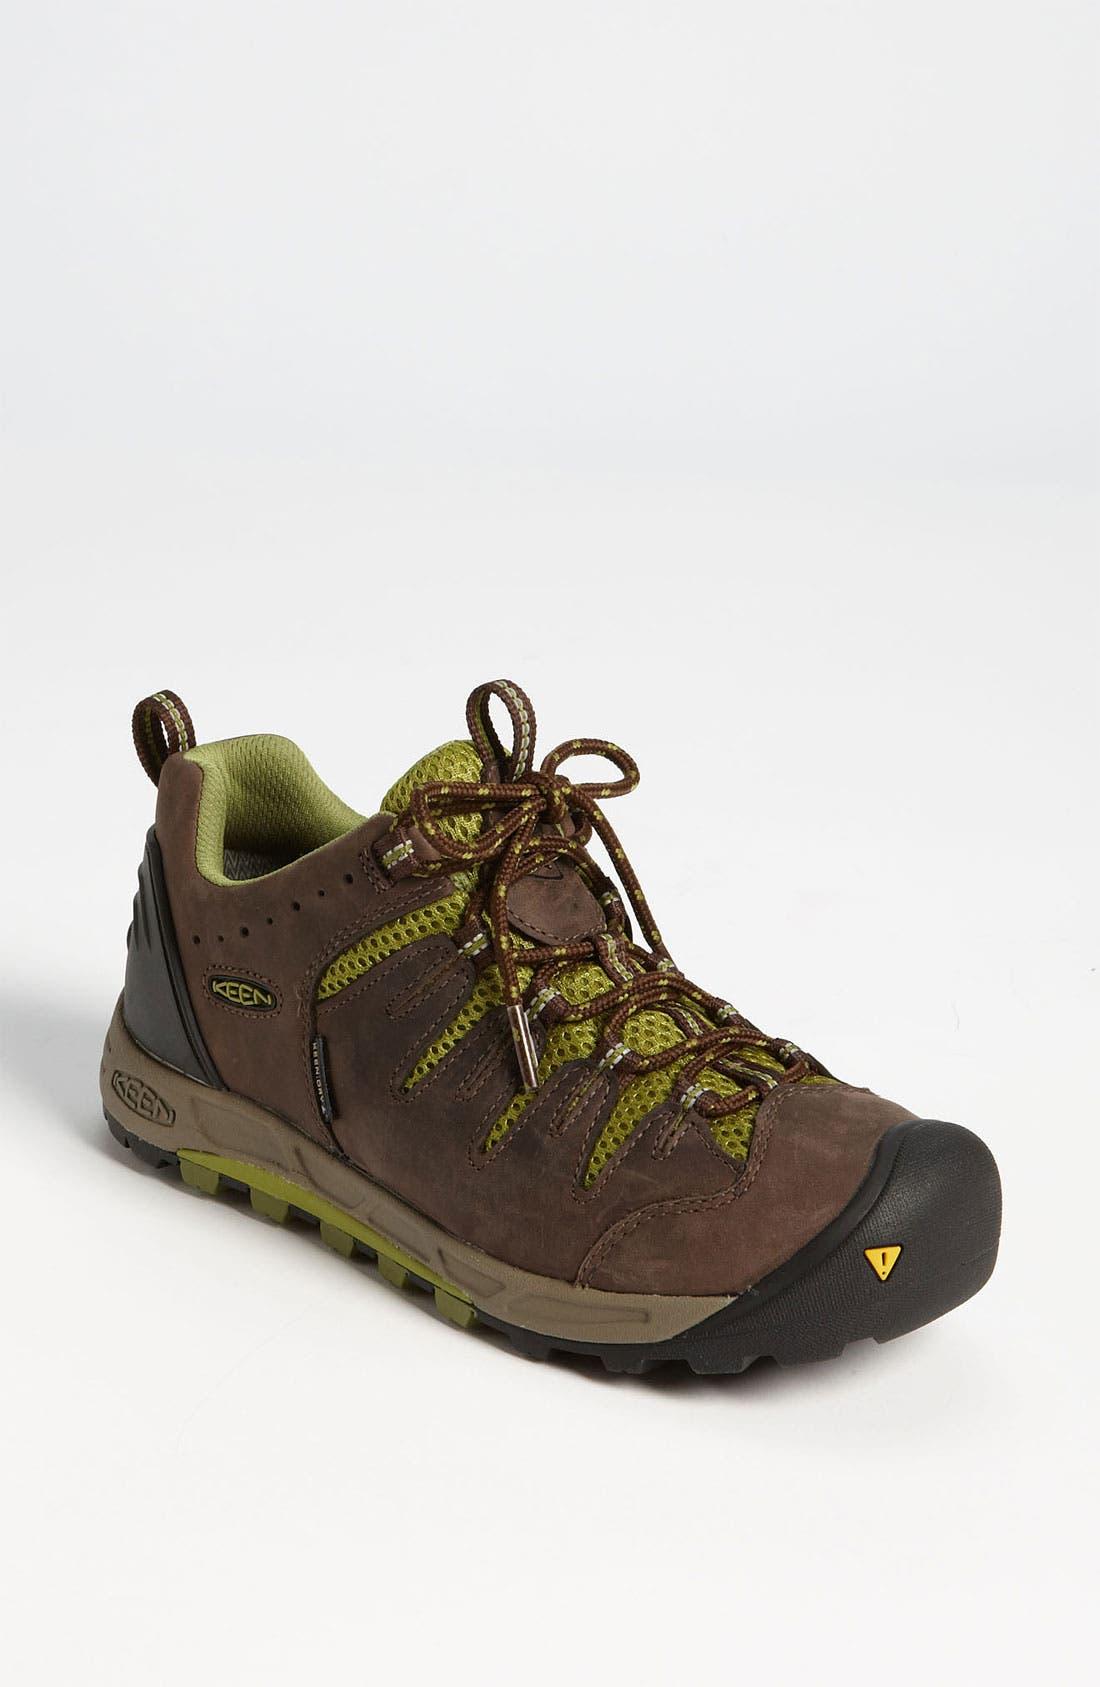 Main Image - Keen 'Bryce' Hiking Shoe (Women)